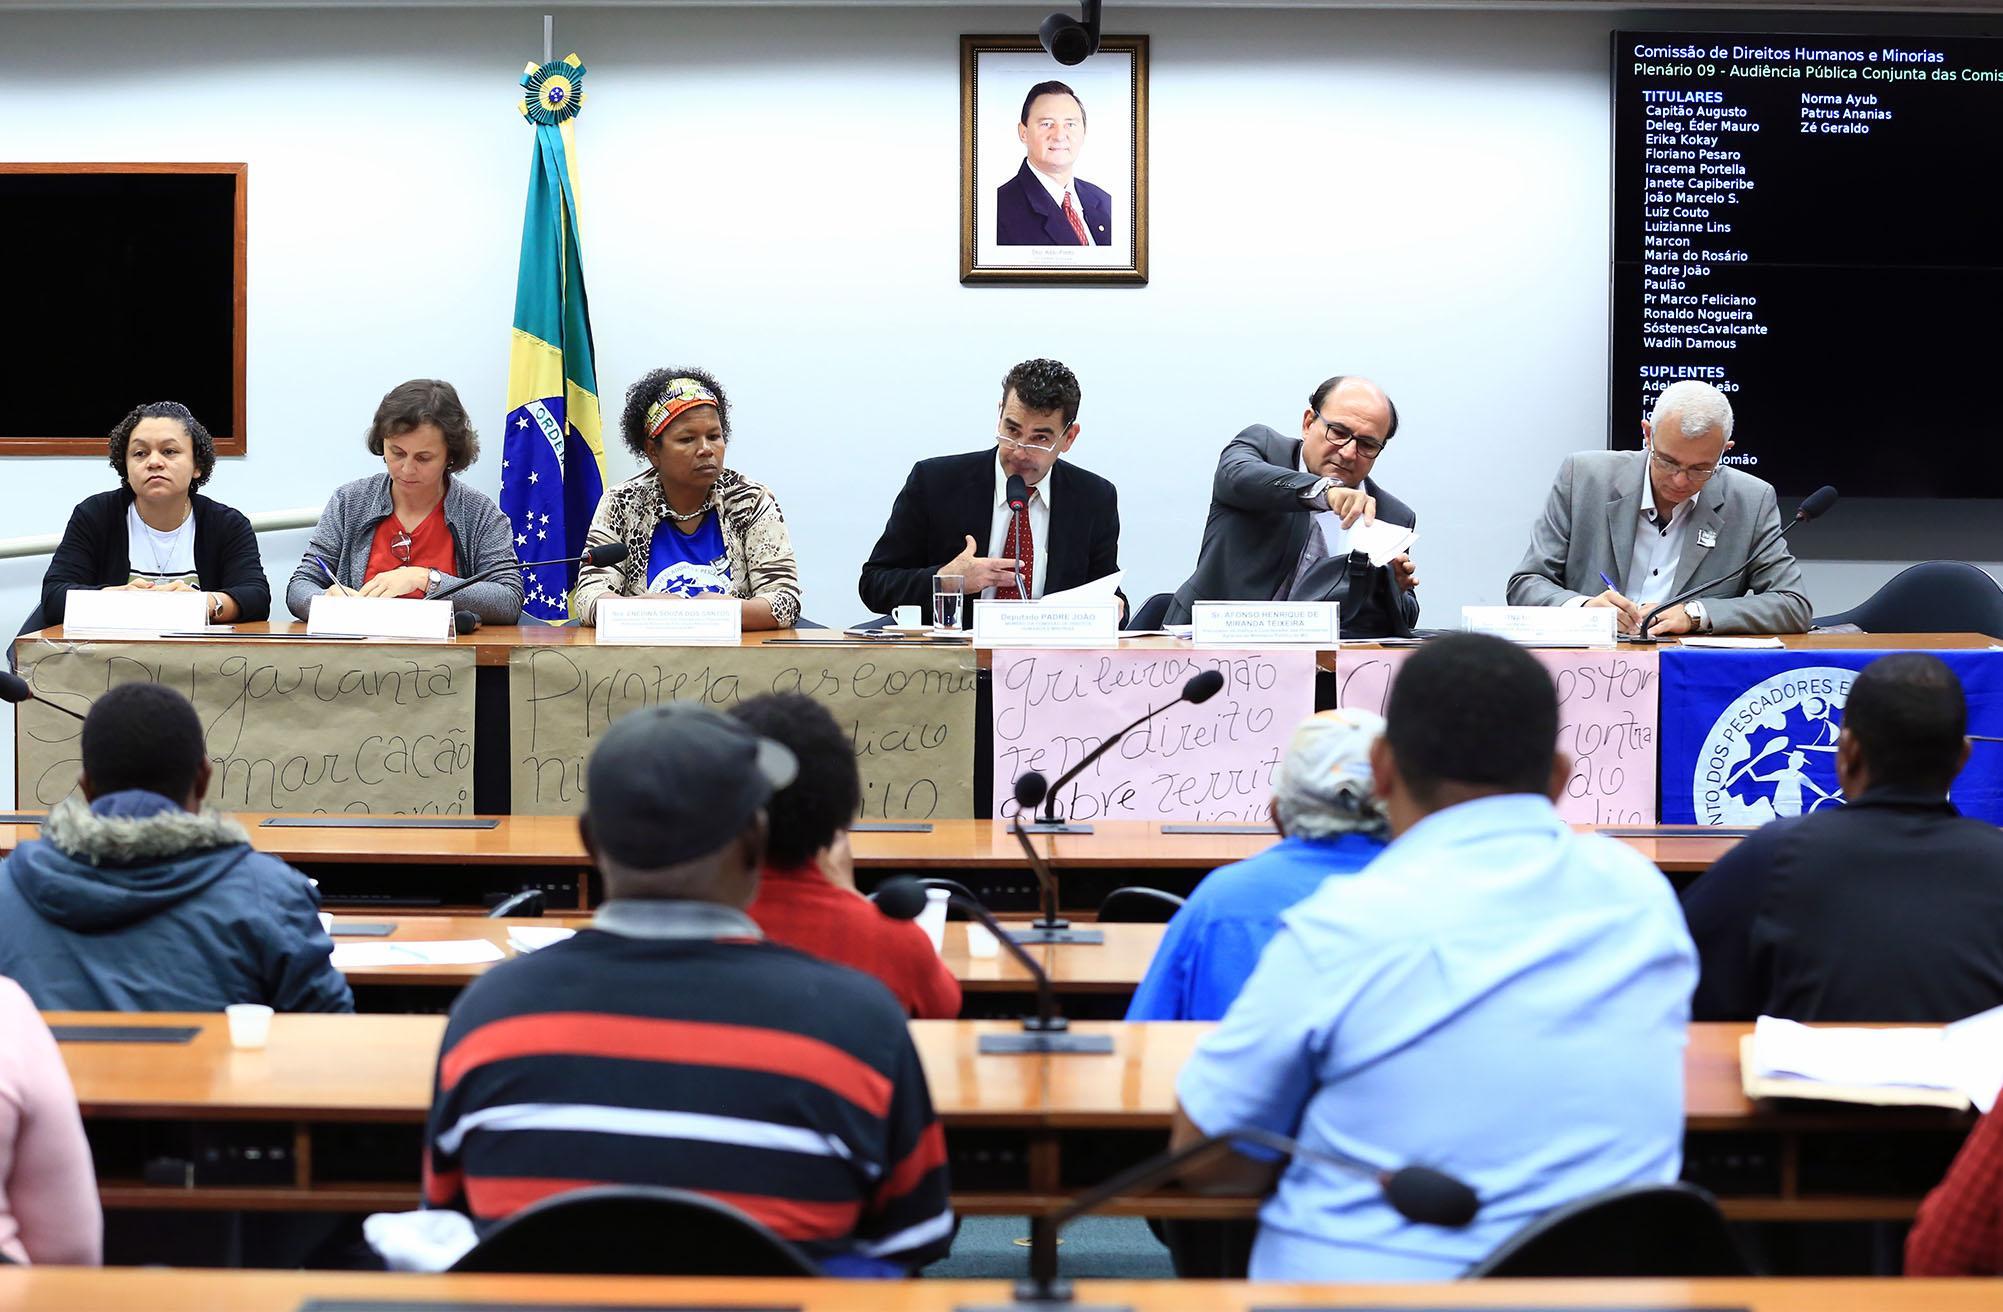 Audiência pública para os direitos territoriais dos povos das águas da região norte de Minas Gerais